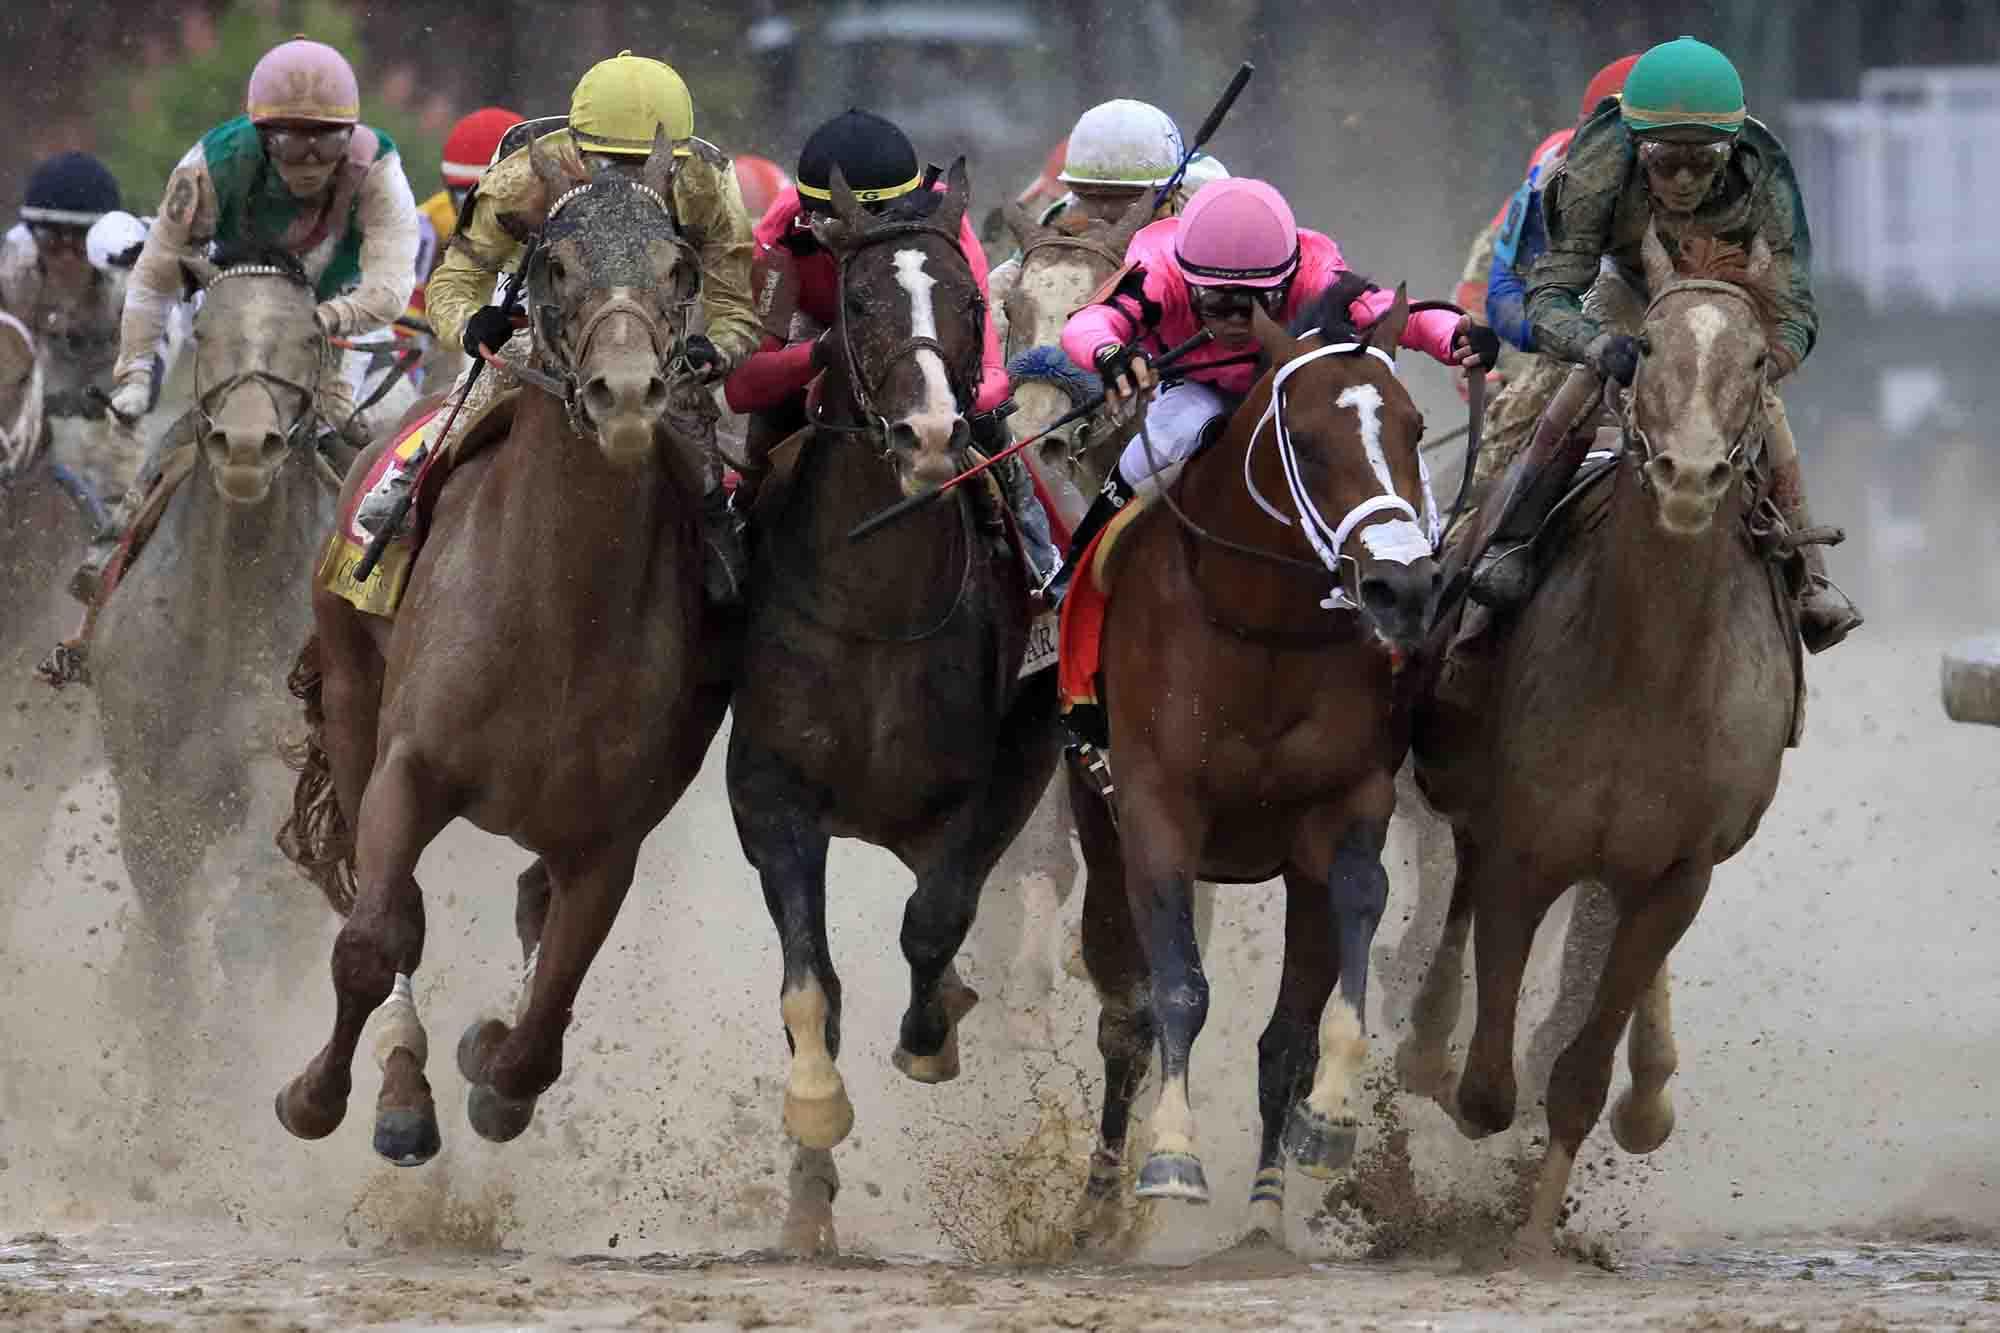 Ofrece 20 millones de dólares si le ganan a su caballo en la próxima carrera